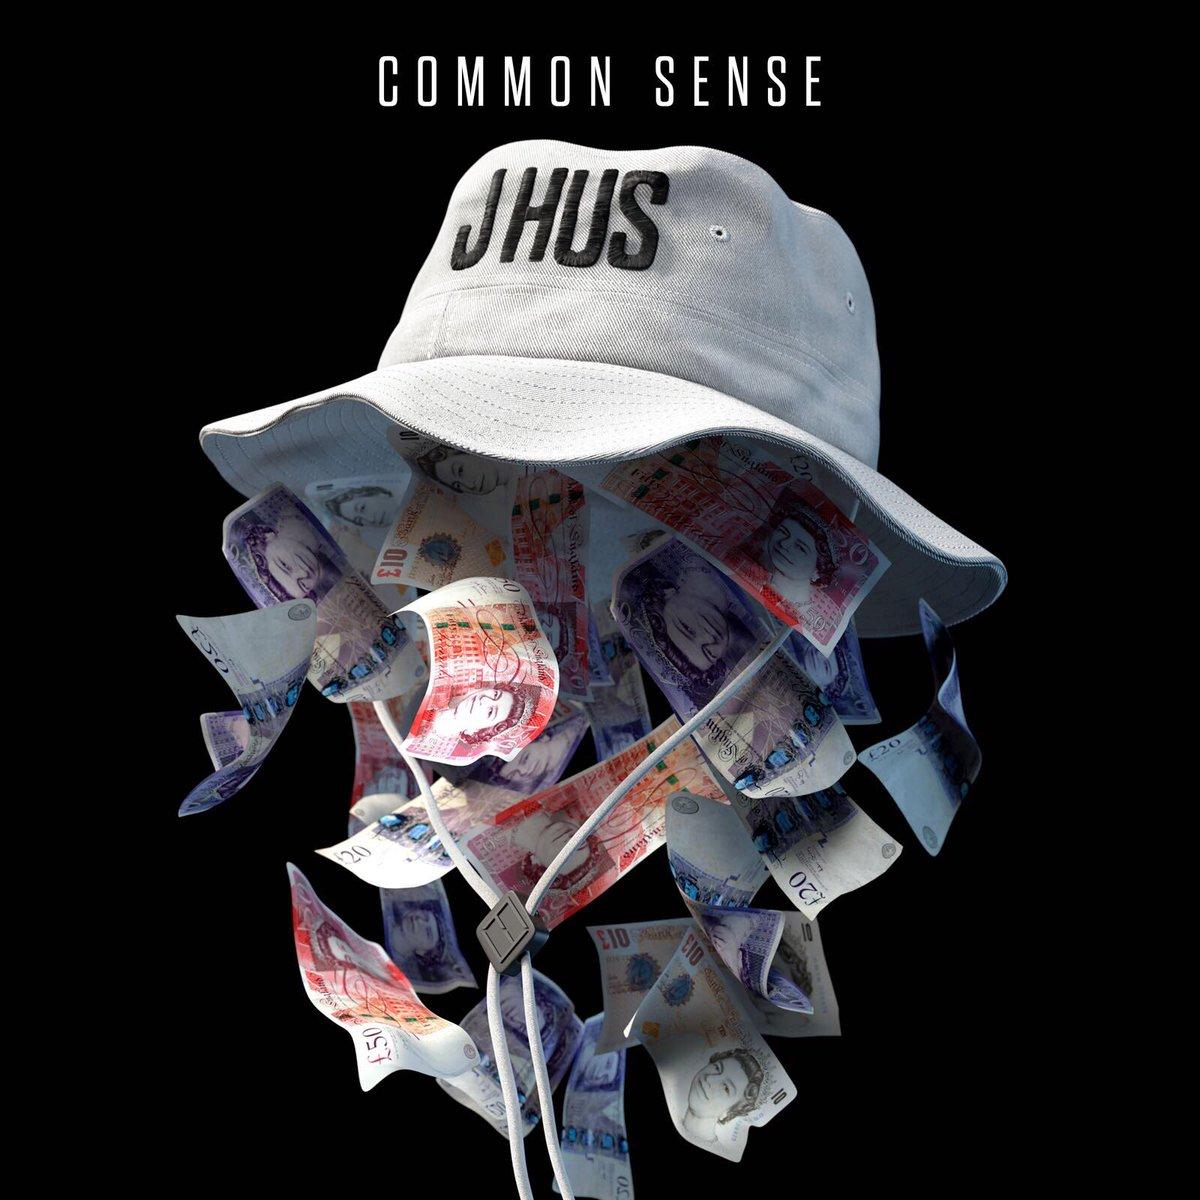 J HUS - CS